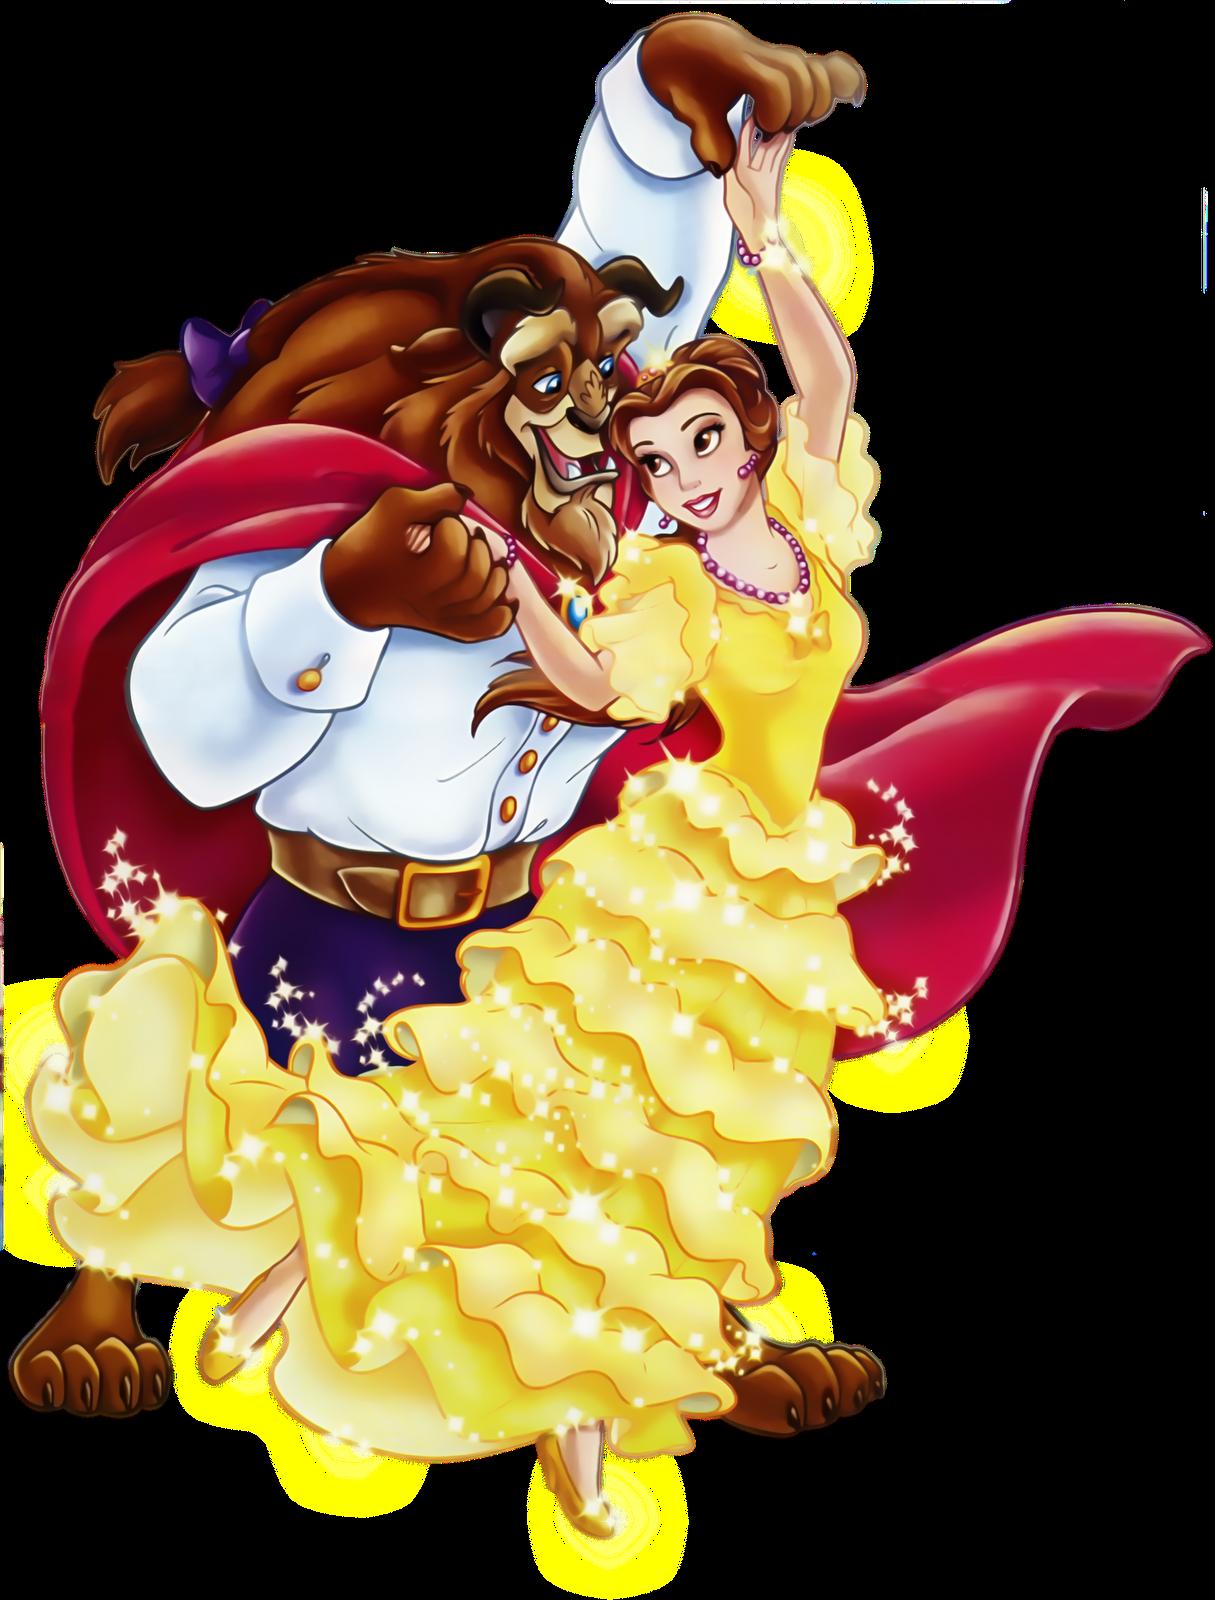 Beauty And The Beast Png Picture Clipart Het Beest Belle En Het Beest Disney